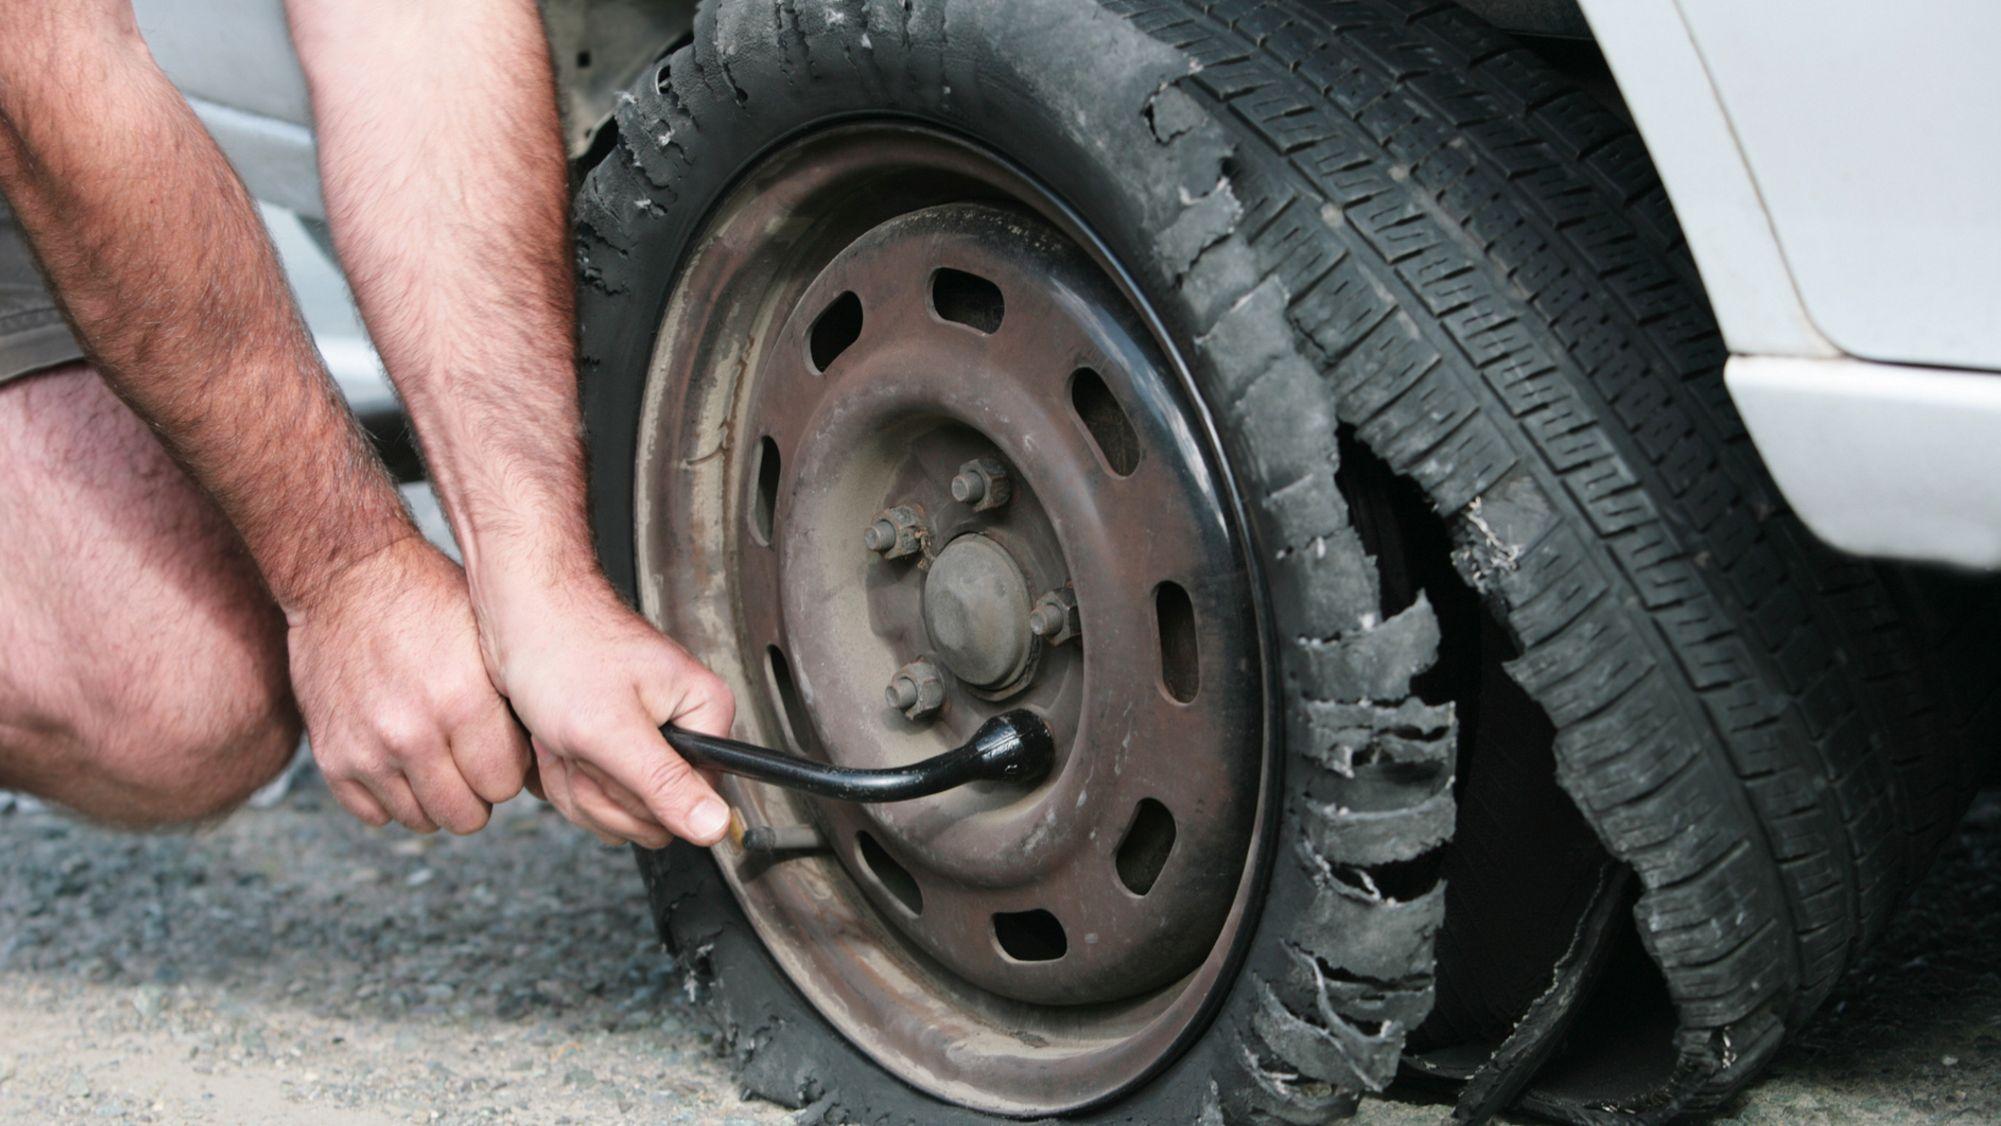 Одржување на автомобилот: Зошто гумите пукаат почесто во летните месеци?